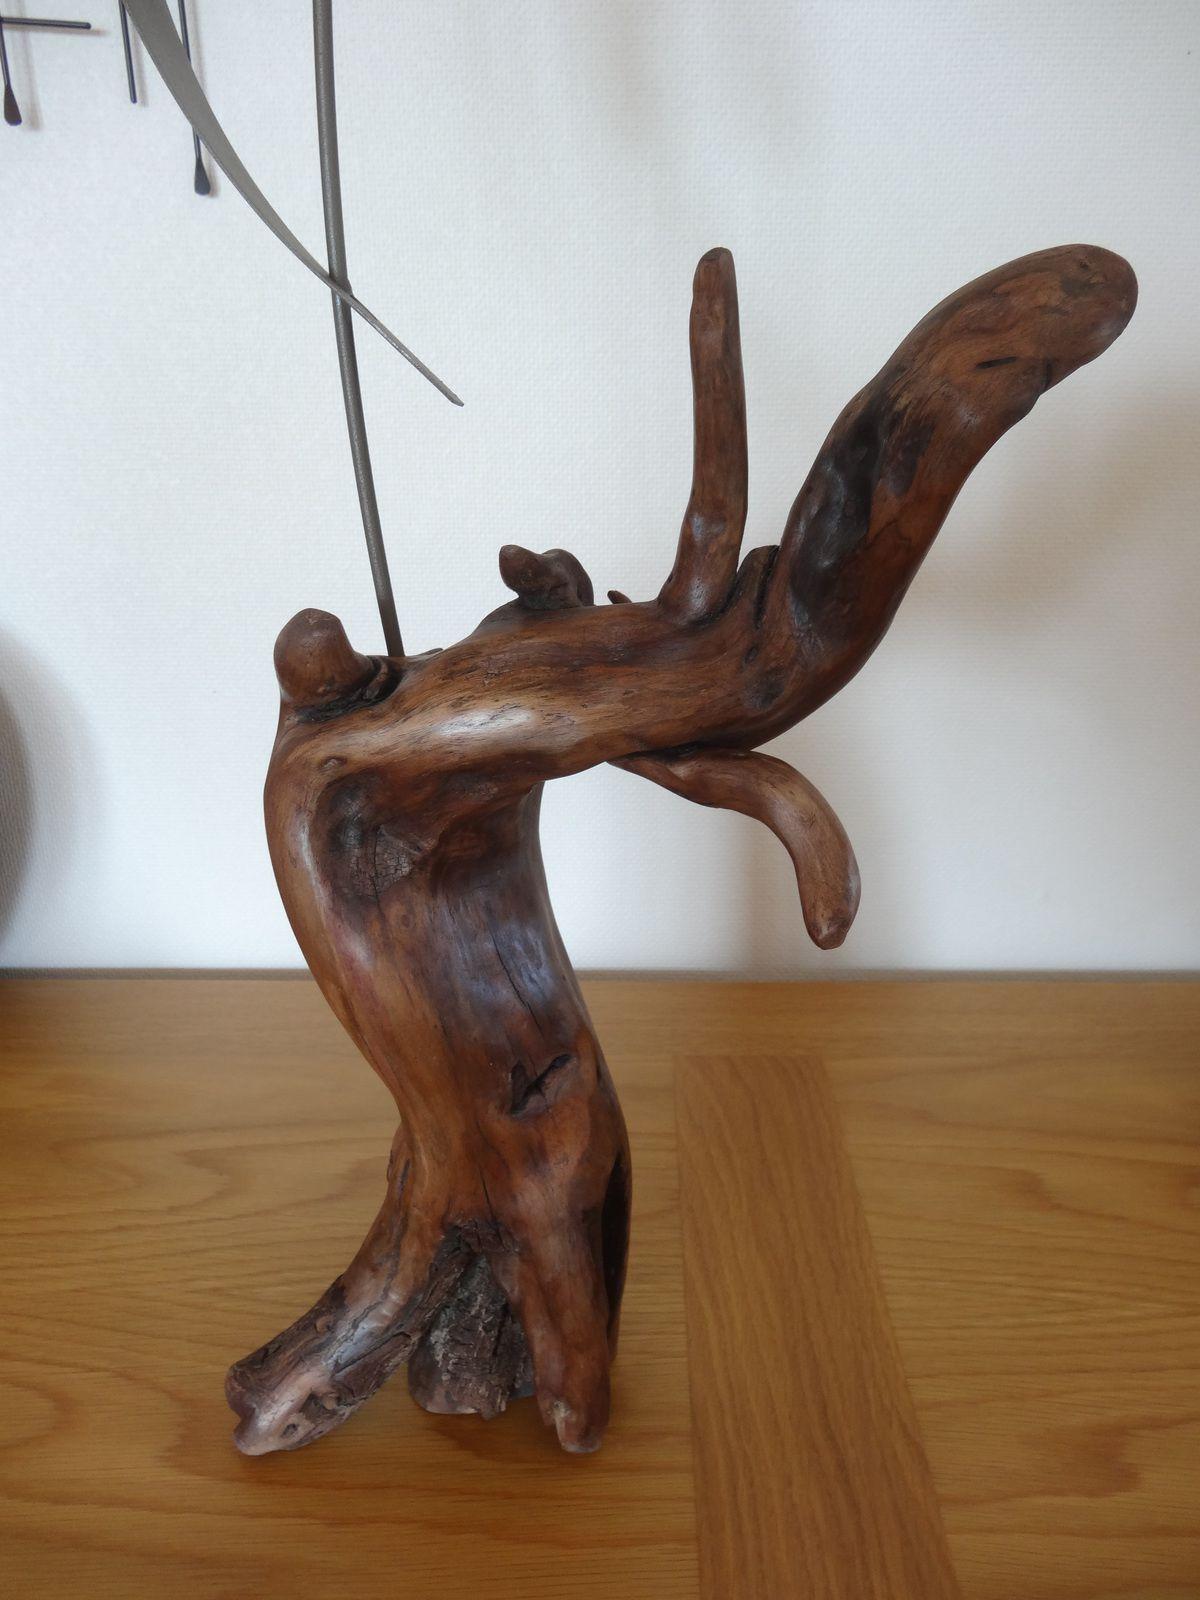 Grand soliflore en bois flotté Ôboisdormant